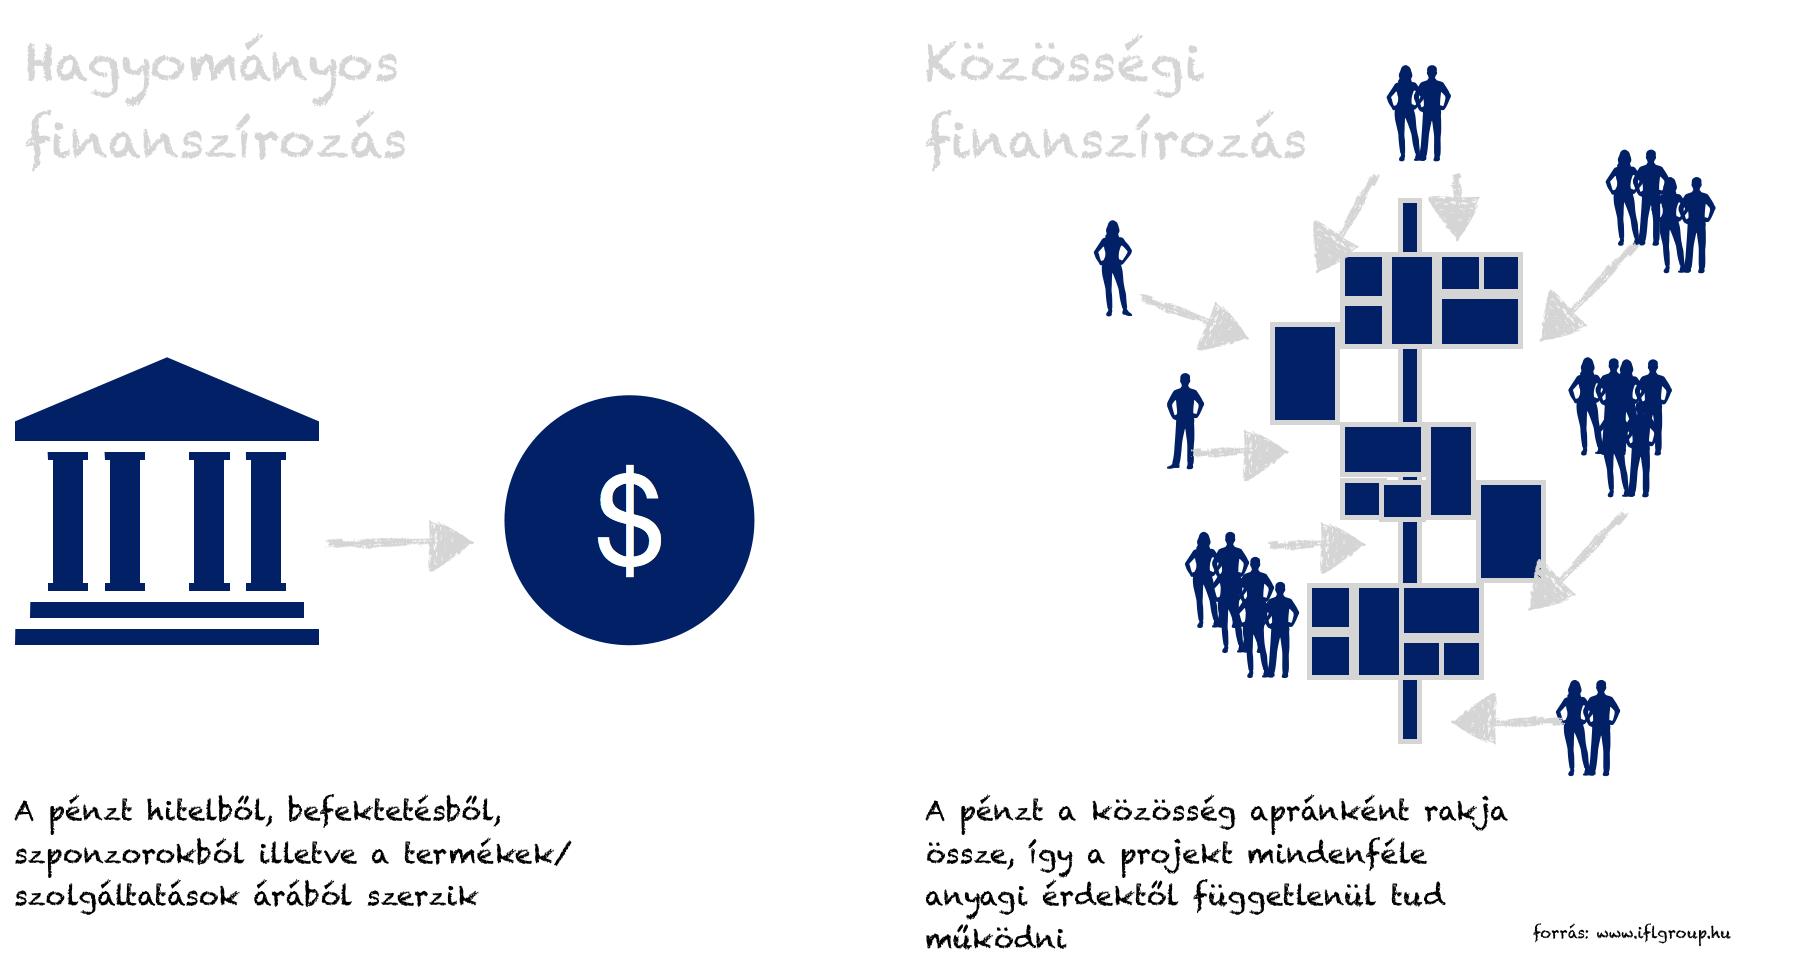 közösségi finanszírozás lényege infografika, ahogyan a patreon is működik